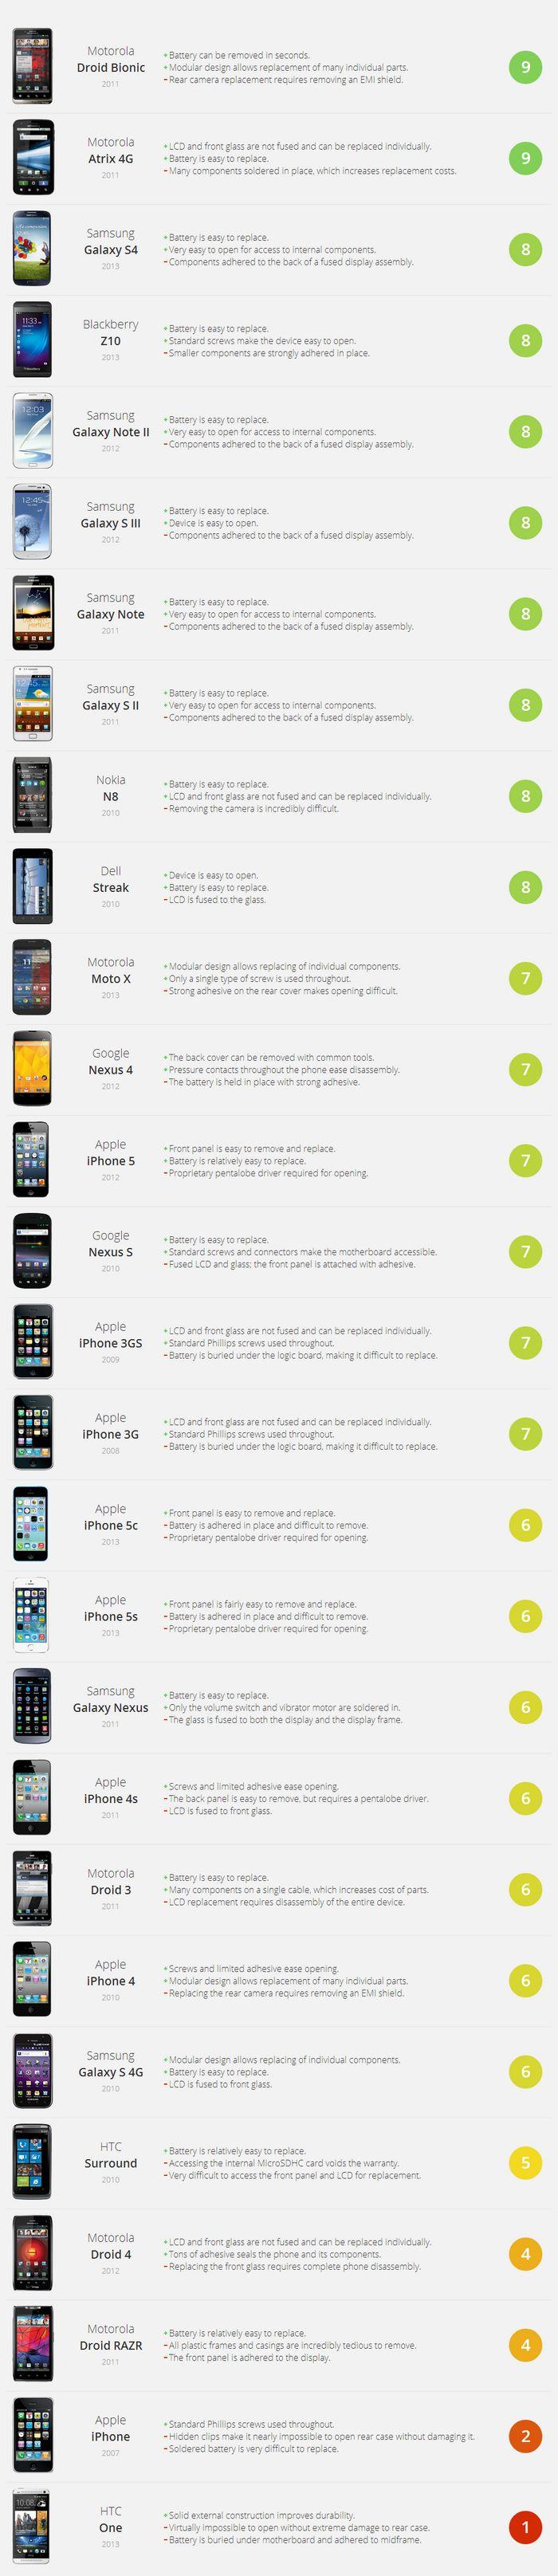 smartphone-reparability-index-2013